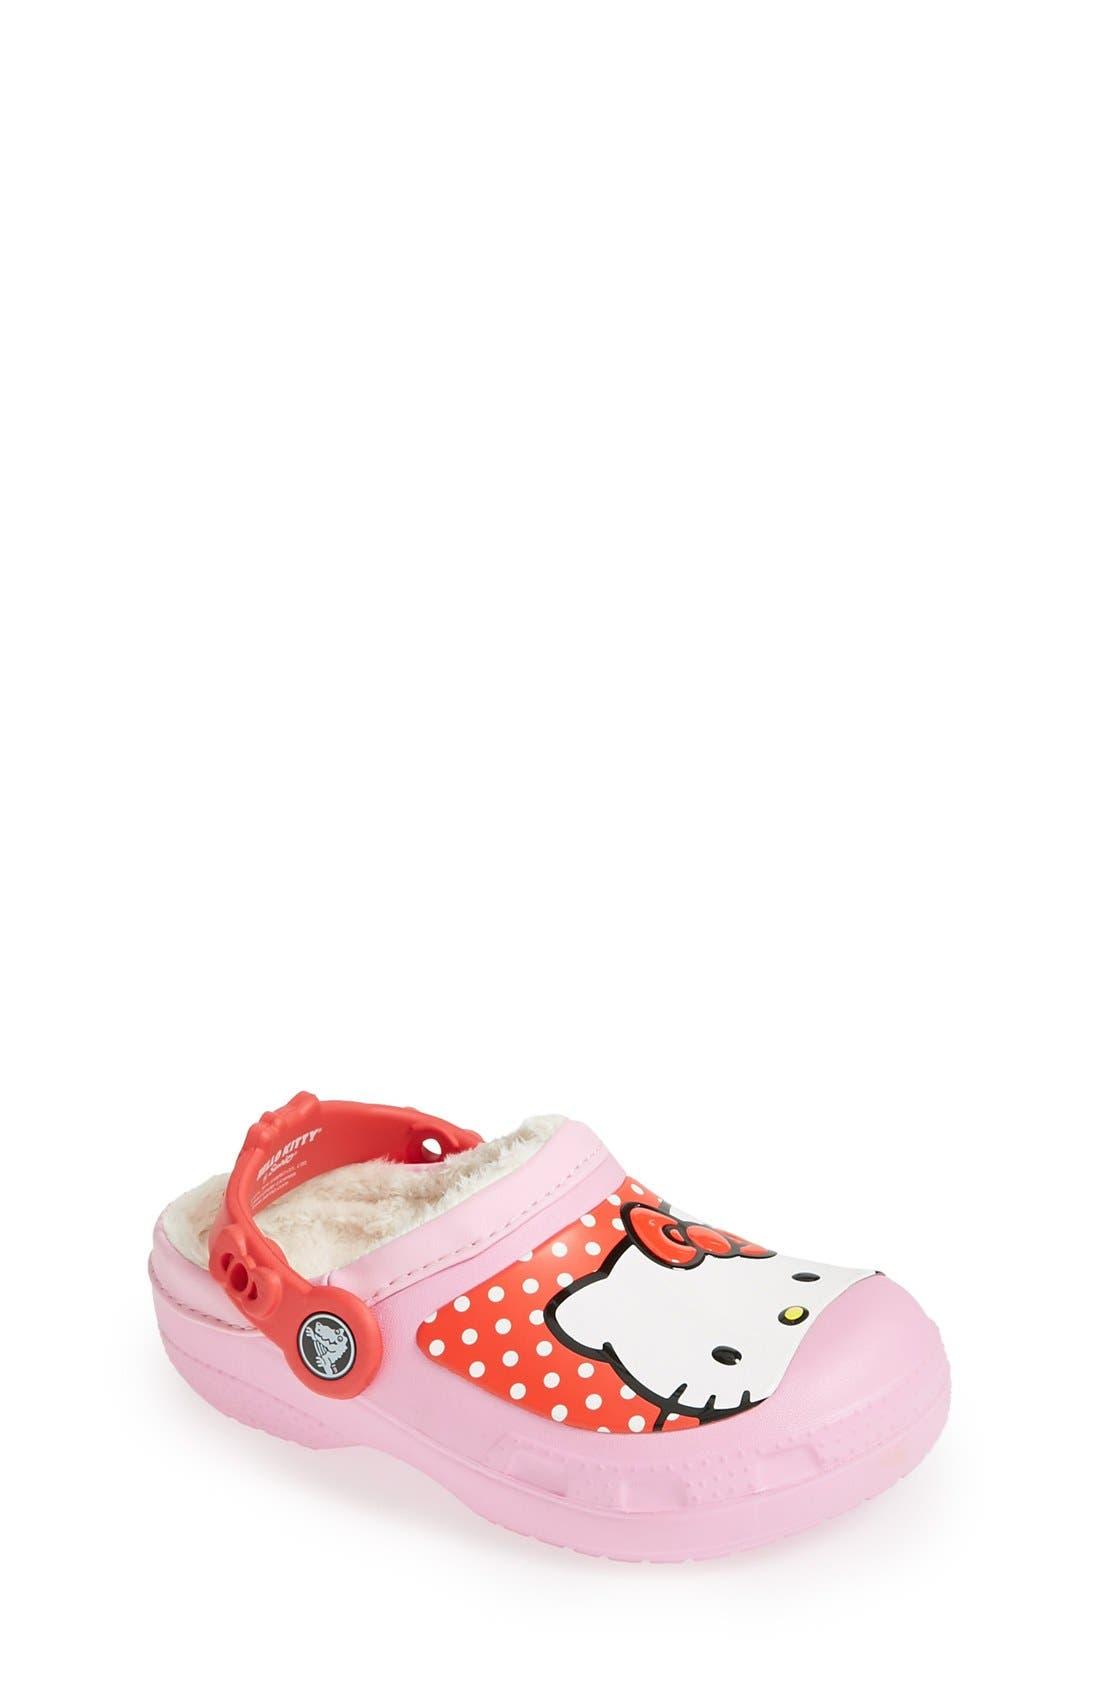 Alternate Image 1 Selected - CROCS™ 'Hello Kitty® - Dots' Slip-On (Walker, Toddler & Little Kid)